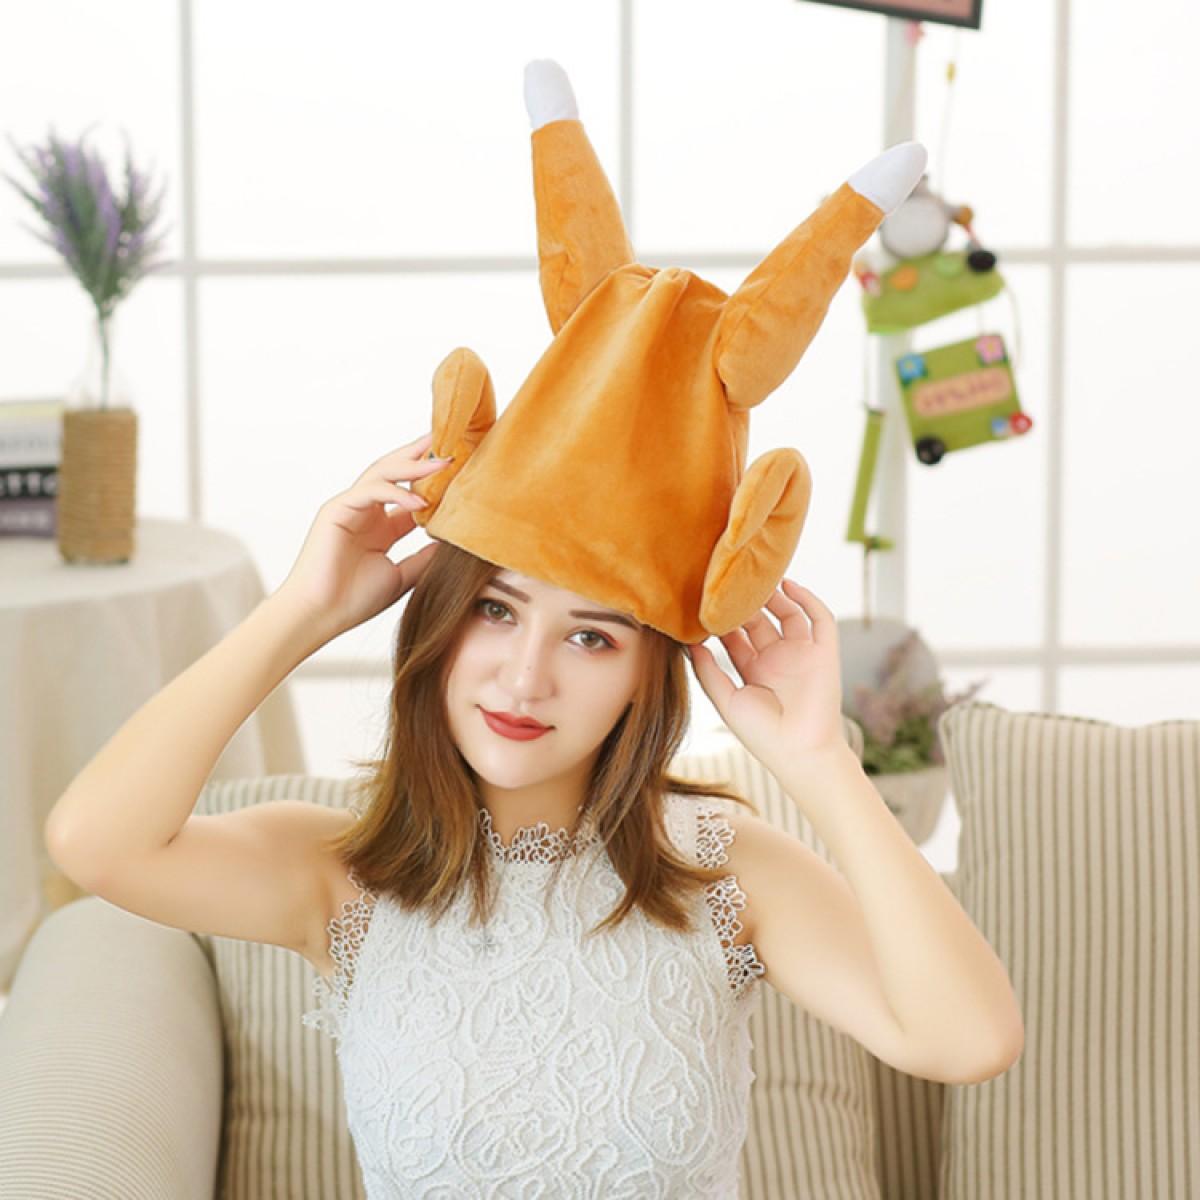 抖音同款会动的鸡腿帽子小龙女搞笑沙雕礼物会唱歌跳舞电动火鸡帽